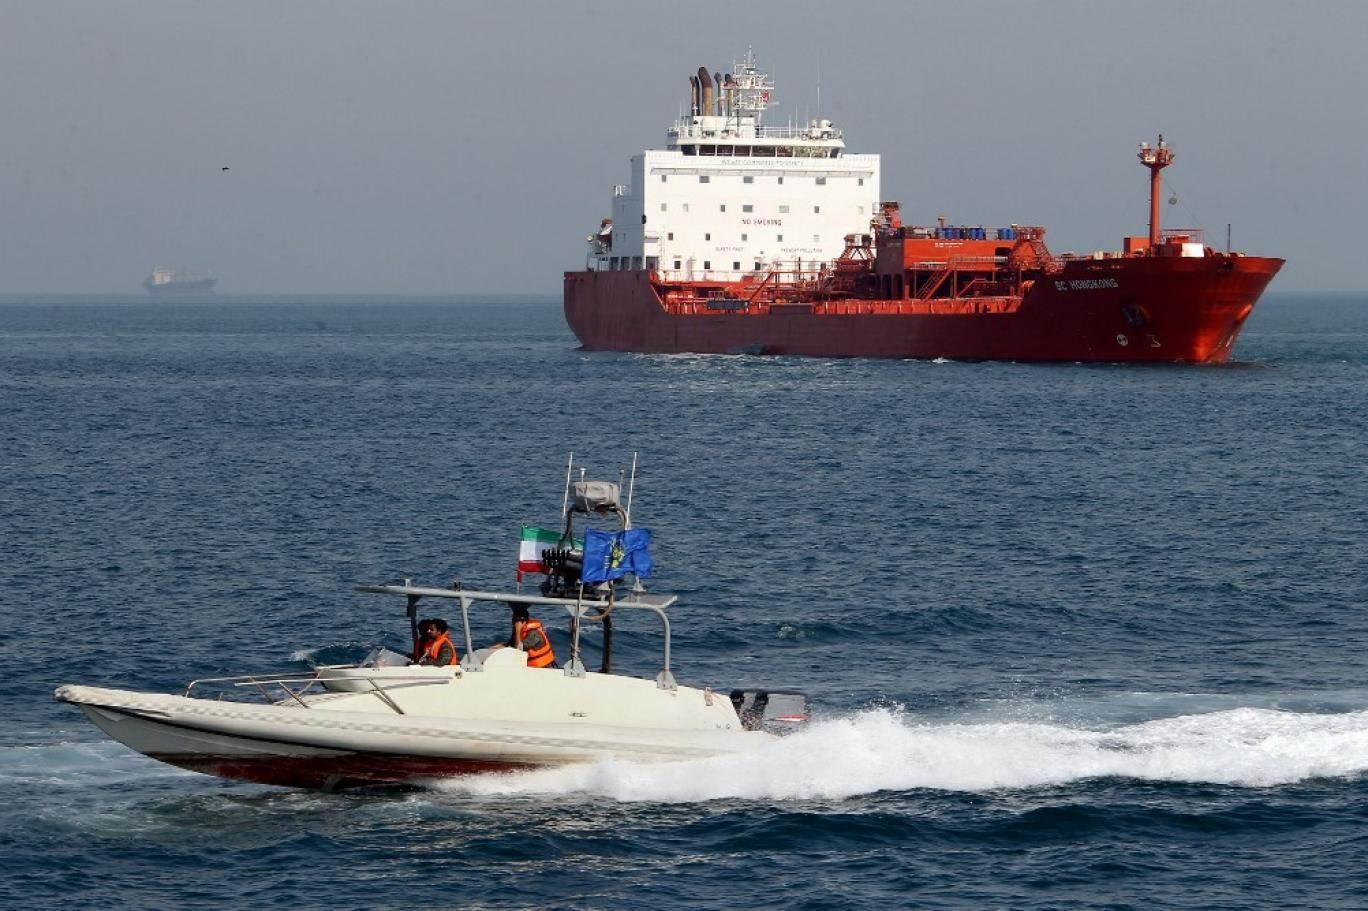 بين سفينة كليوباترا المصرية وسفينة حزب الله الإيرانية..